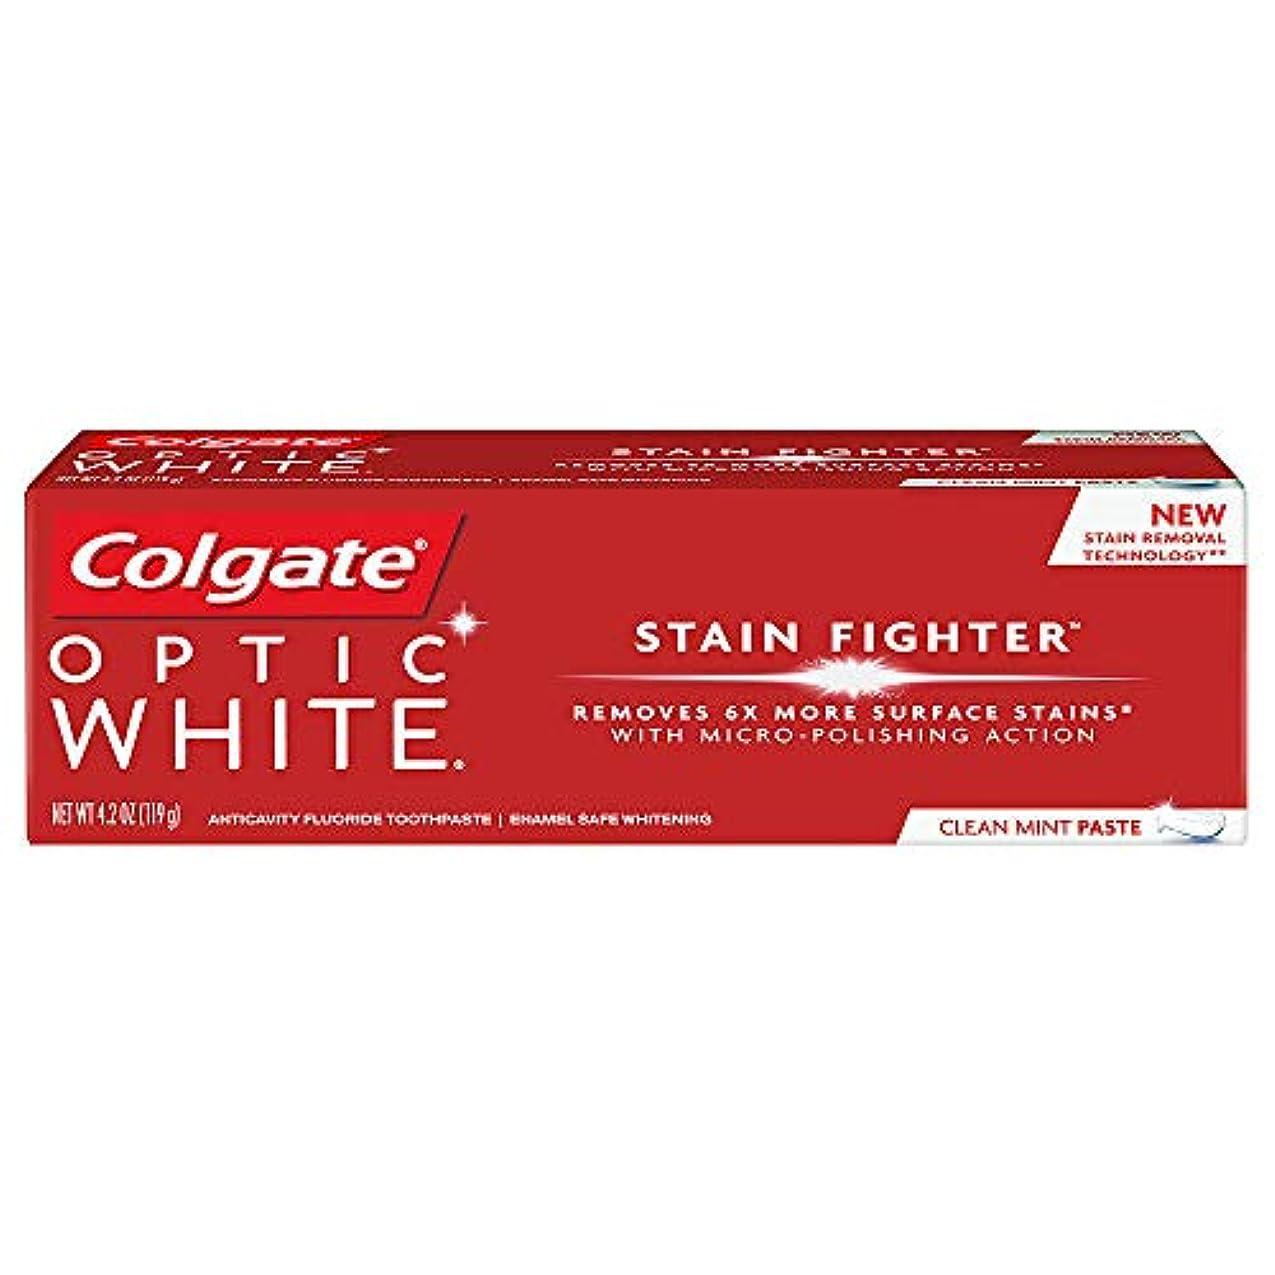 キリマンジャロ定期的無関心コルゲート ホワイトニング Colgate 119g Optic White STAIN FIGHTER 白い歯 歯磨き粉 ミント (Clean Mint Paste)